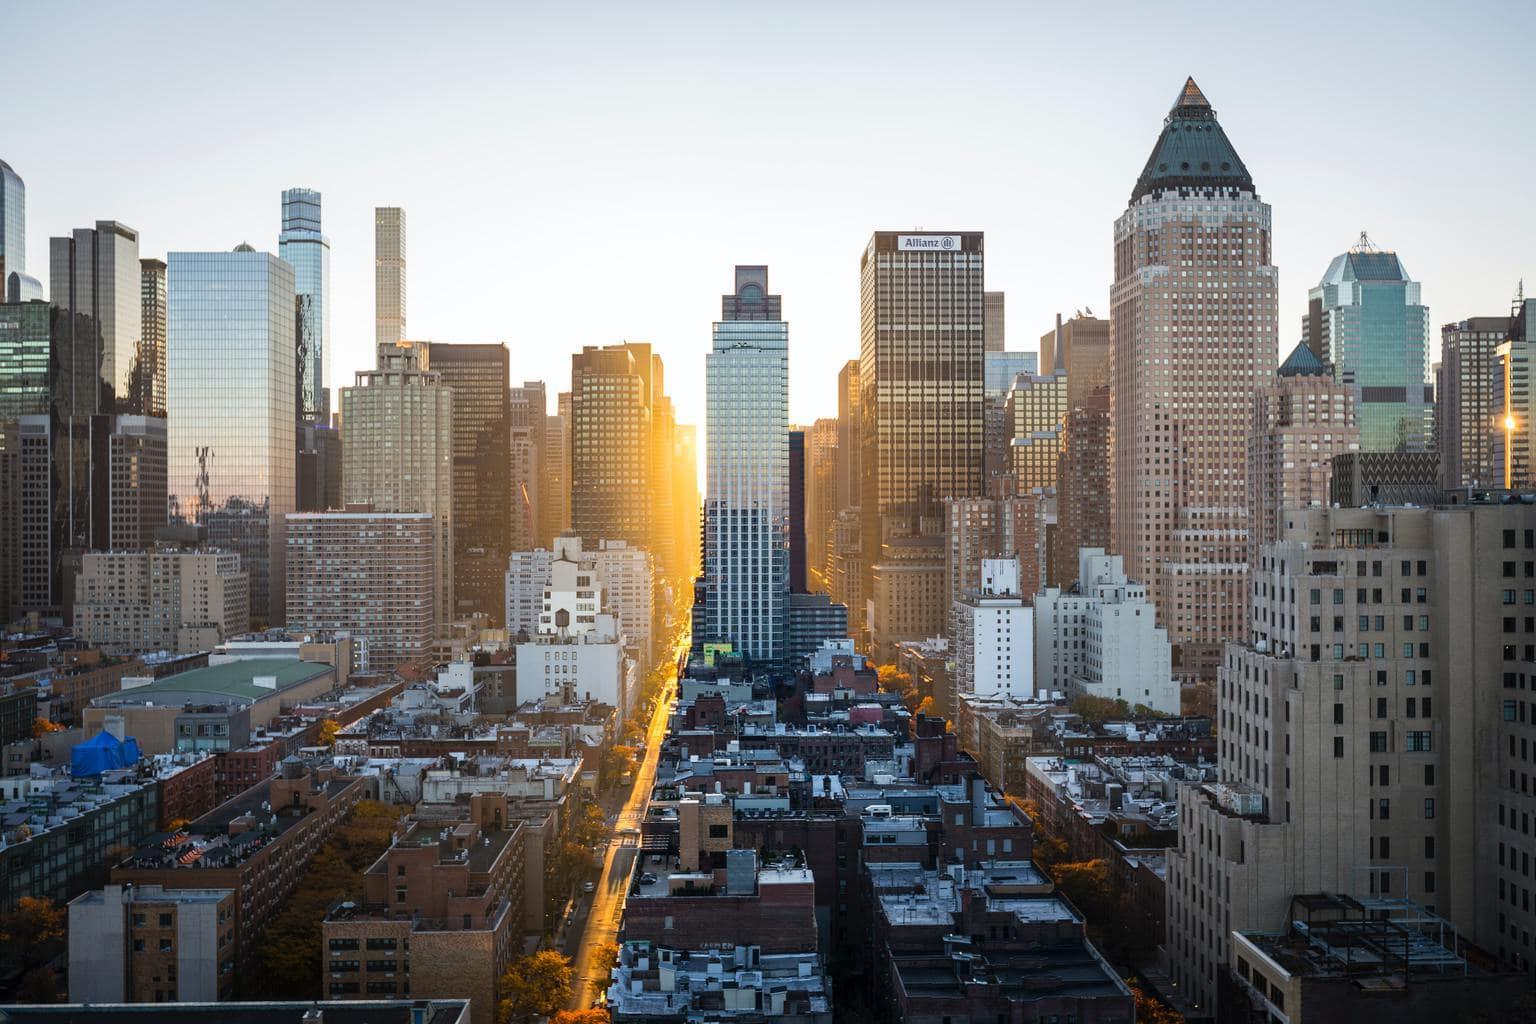 paisaje urbano amanecer